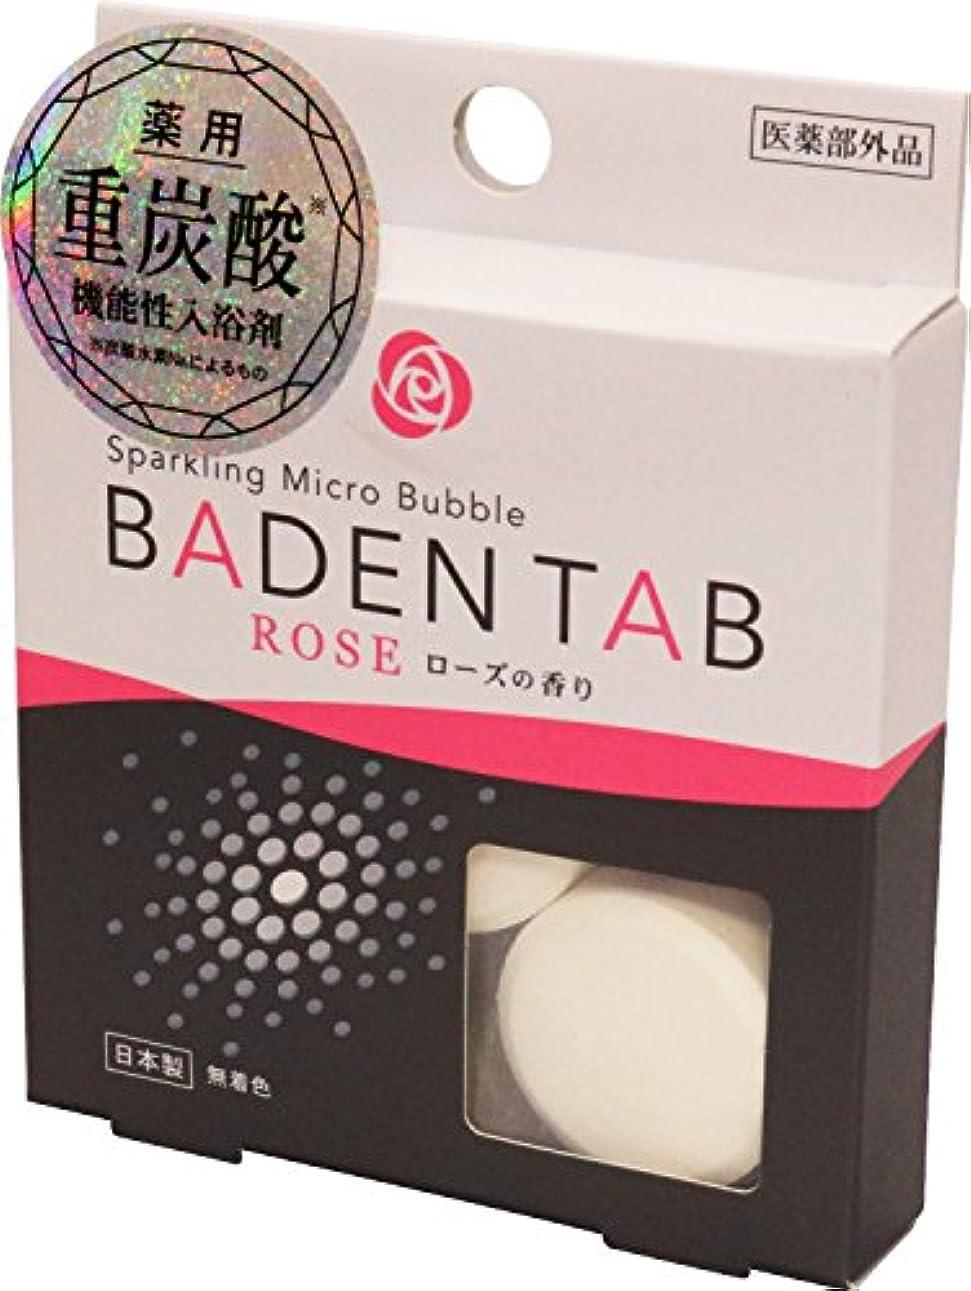 身元専門用語車薬用 重炭酸 機能性入浴剤 バーデンタブ ローズの香り 5錠